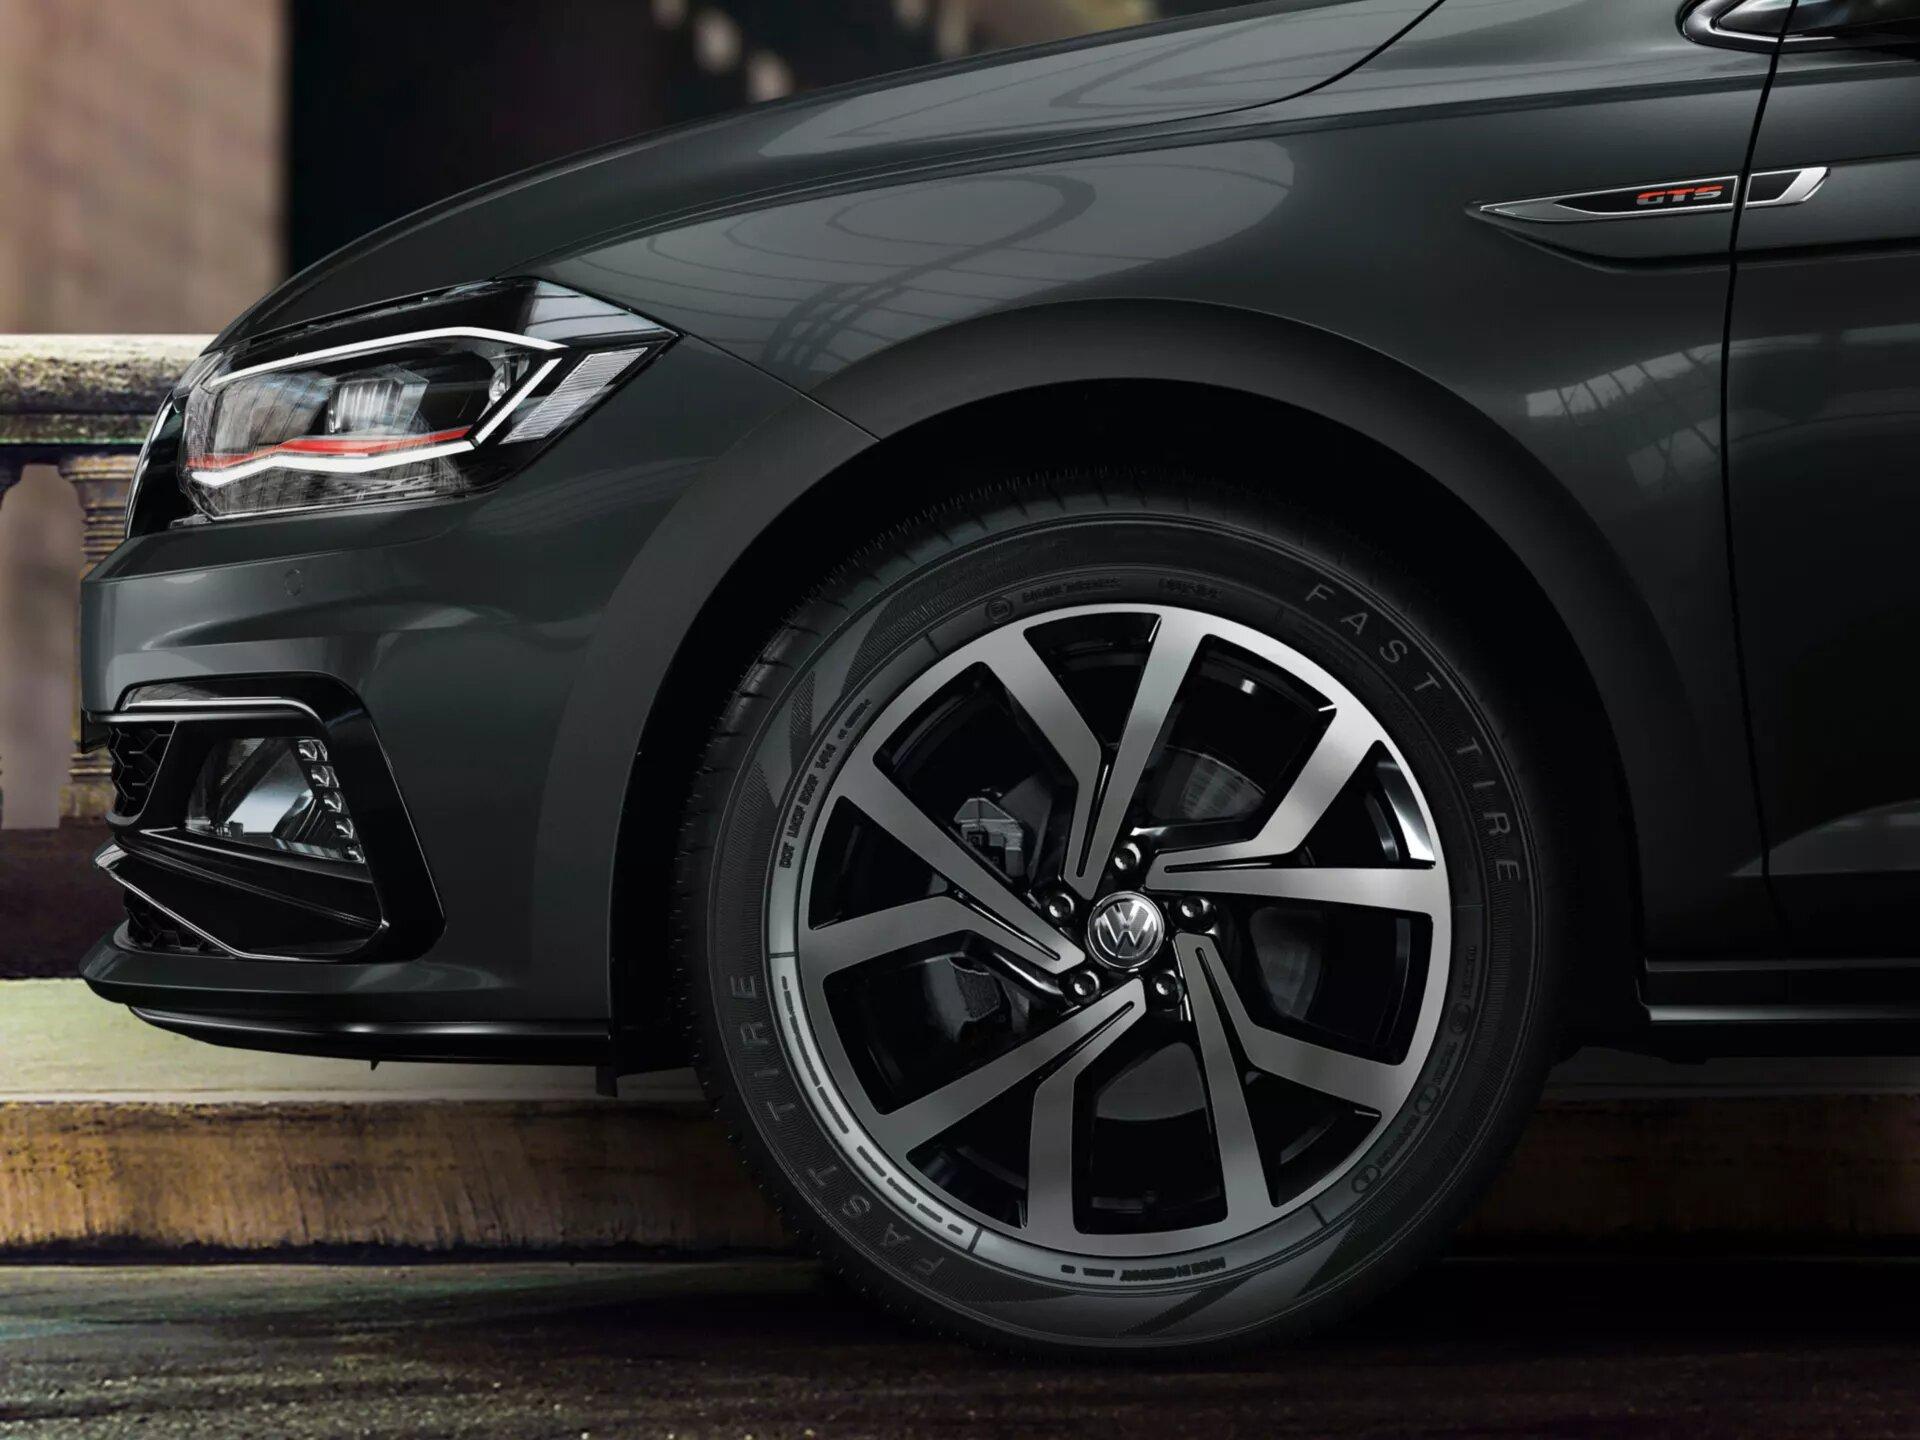 Rodados 18 | Nuevo Virtus GTS | Andina Volkswagen